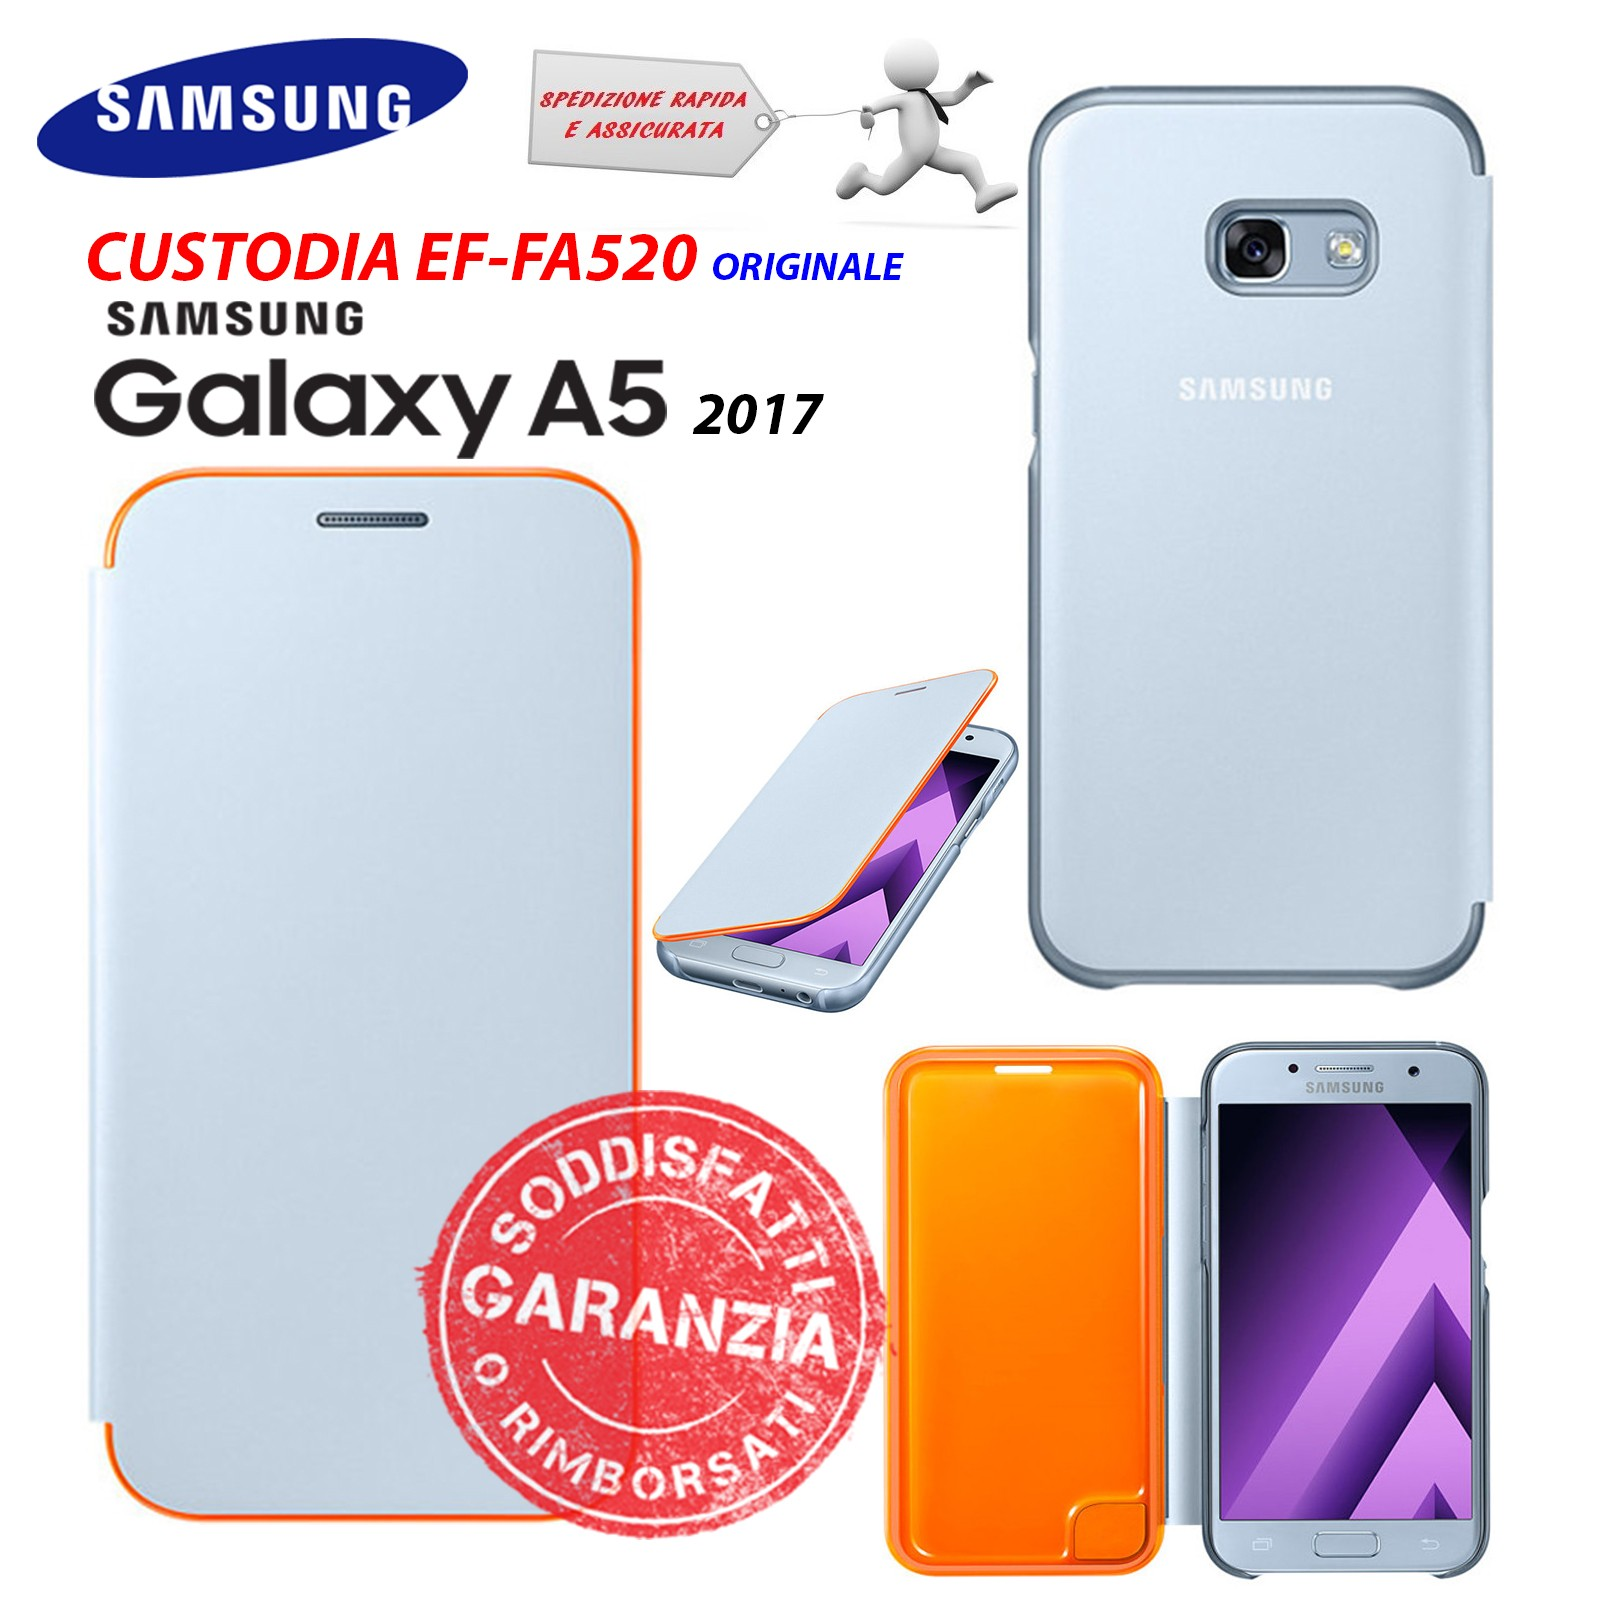 custodia originale samsung galaxy a5 2017